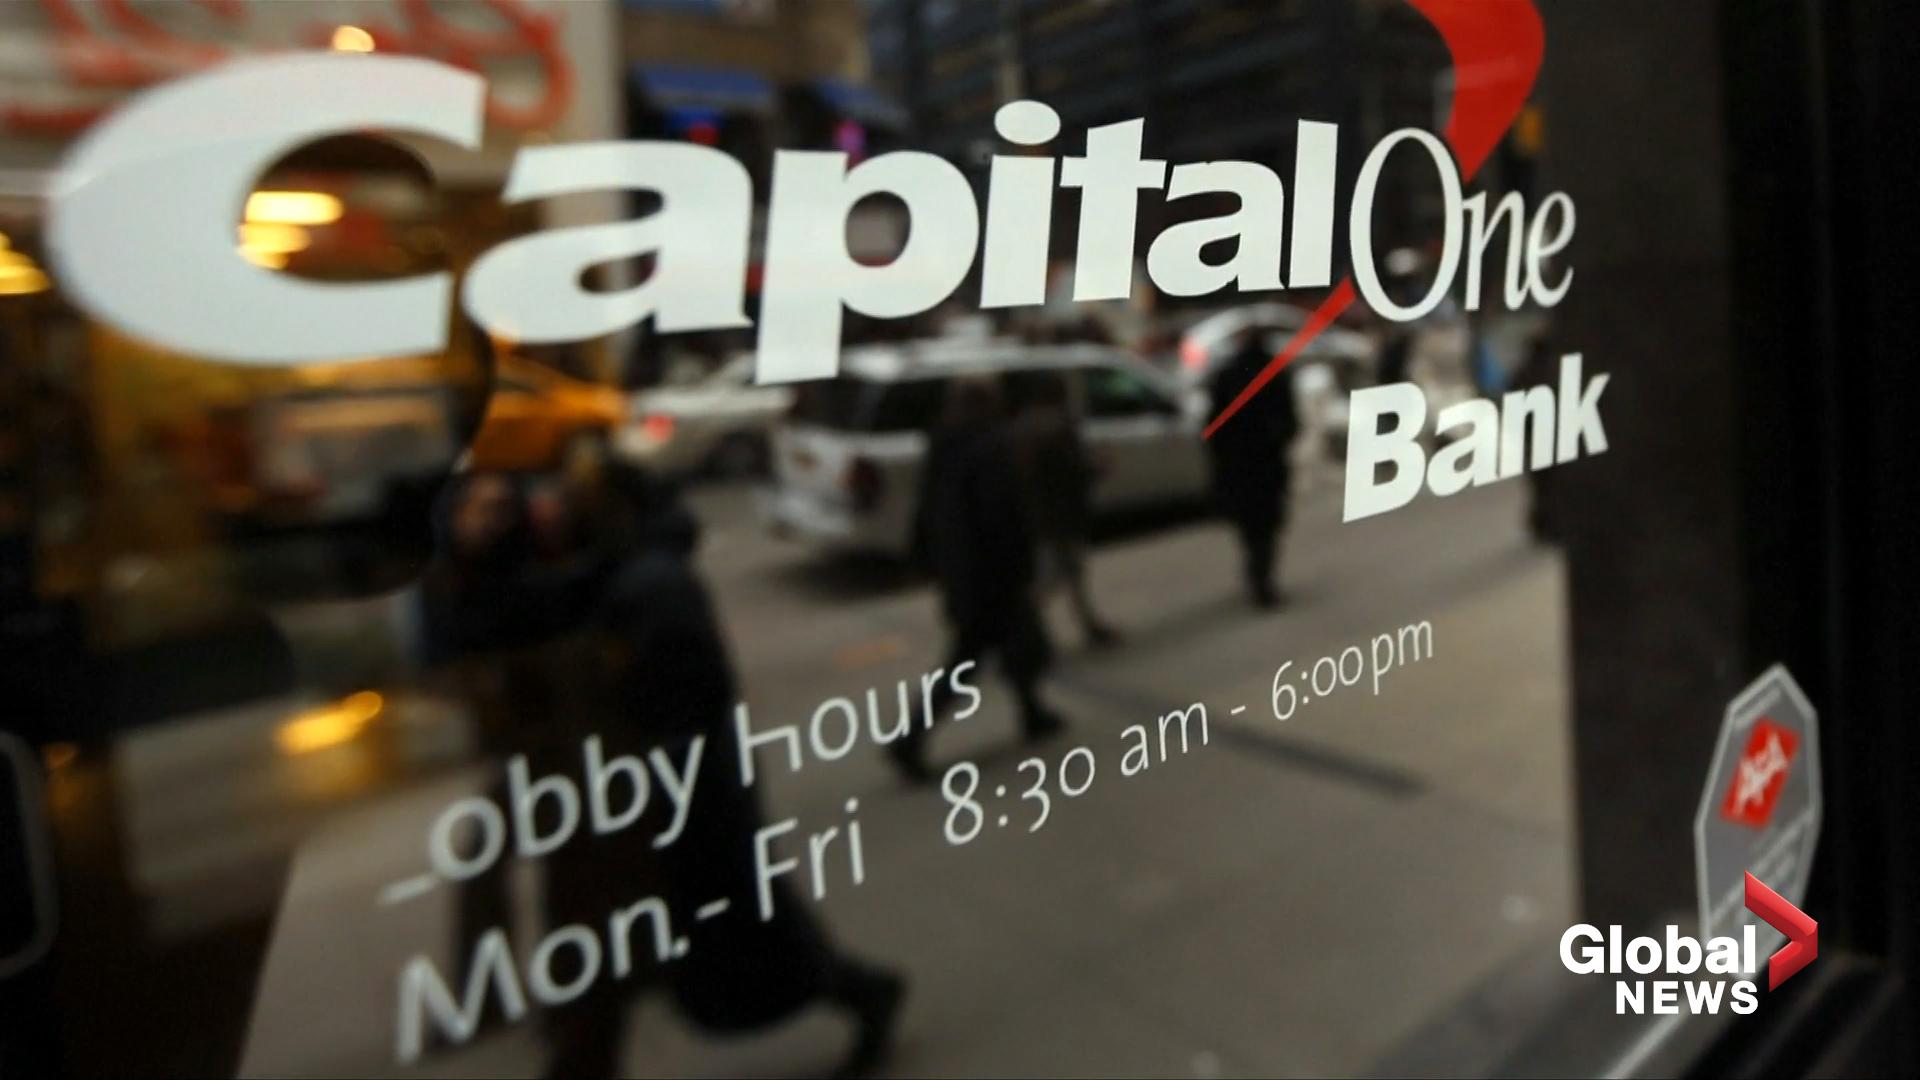 15 января планируется взять кредит в банке на 9 месяцев условия таковы 4 статград